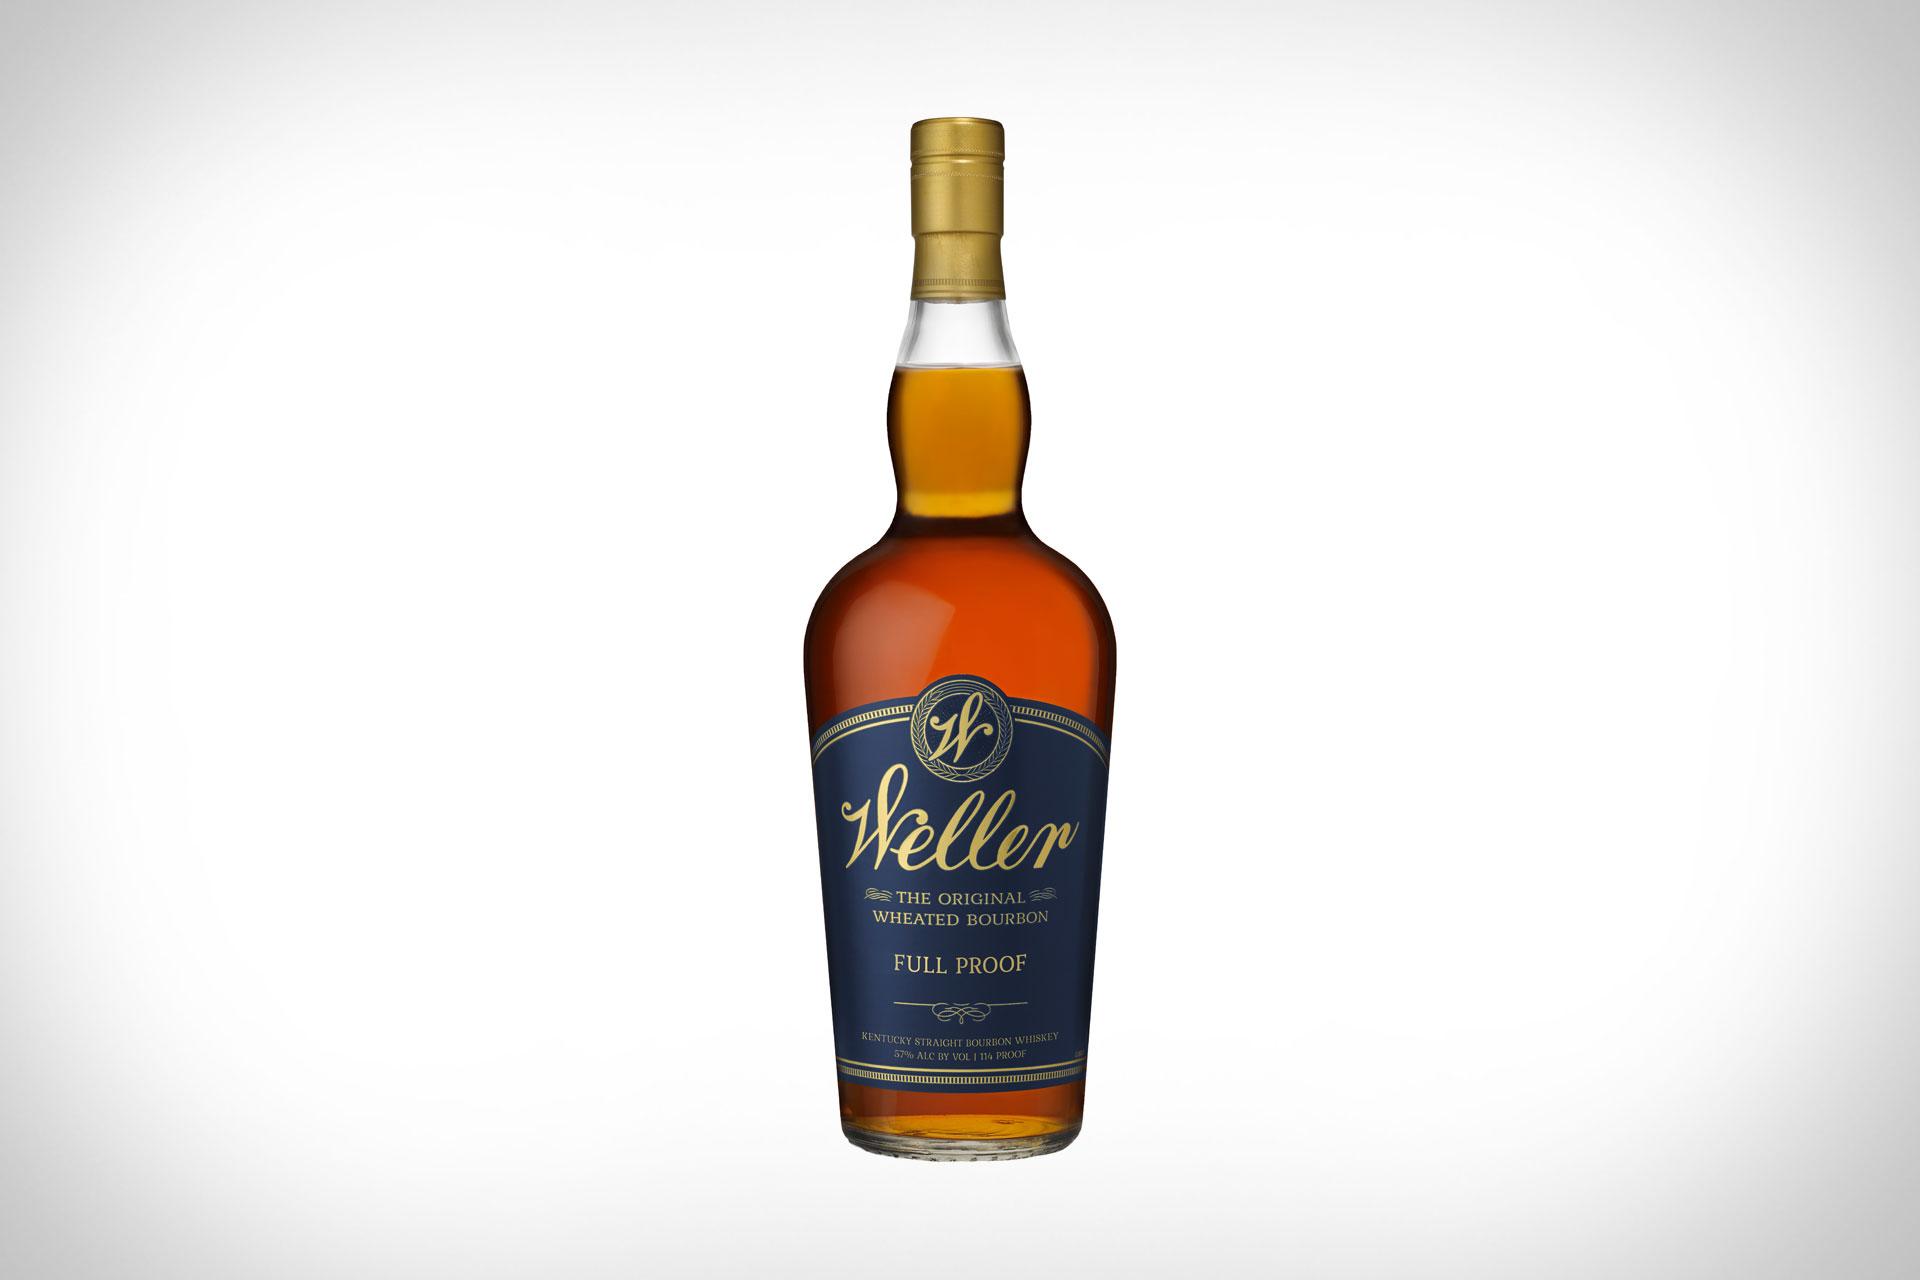 Weller Full Proof Bourbon